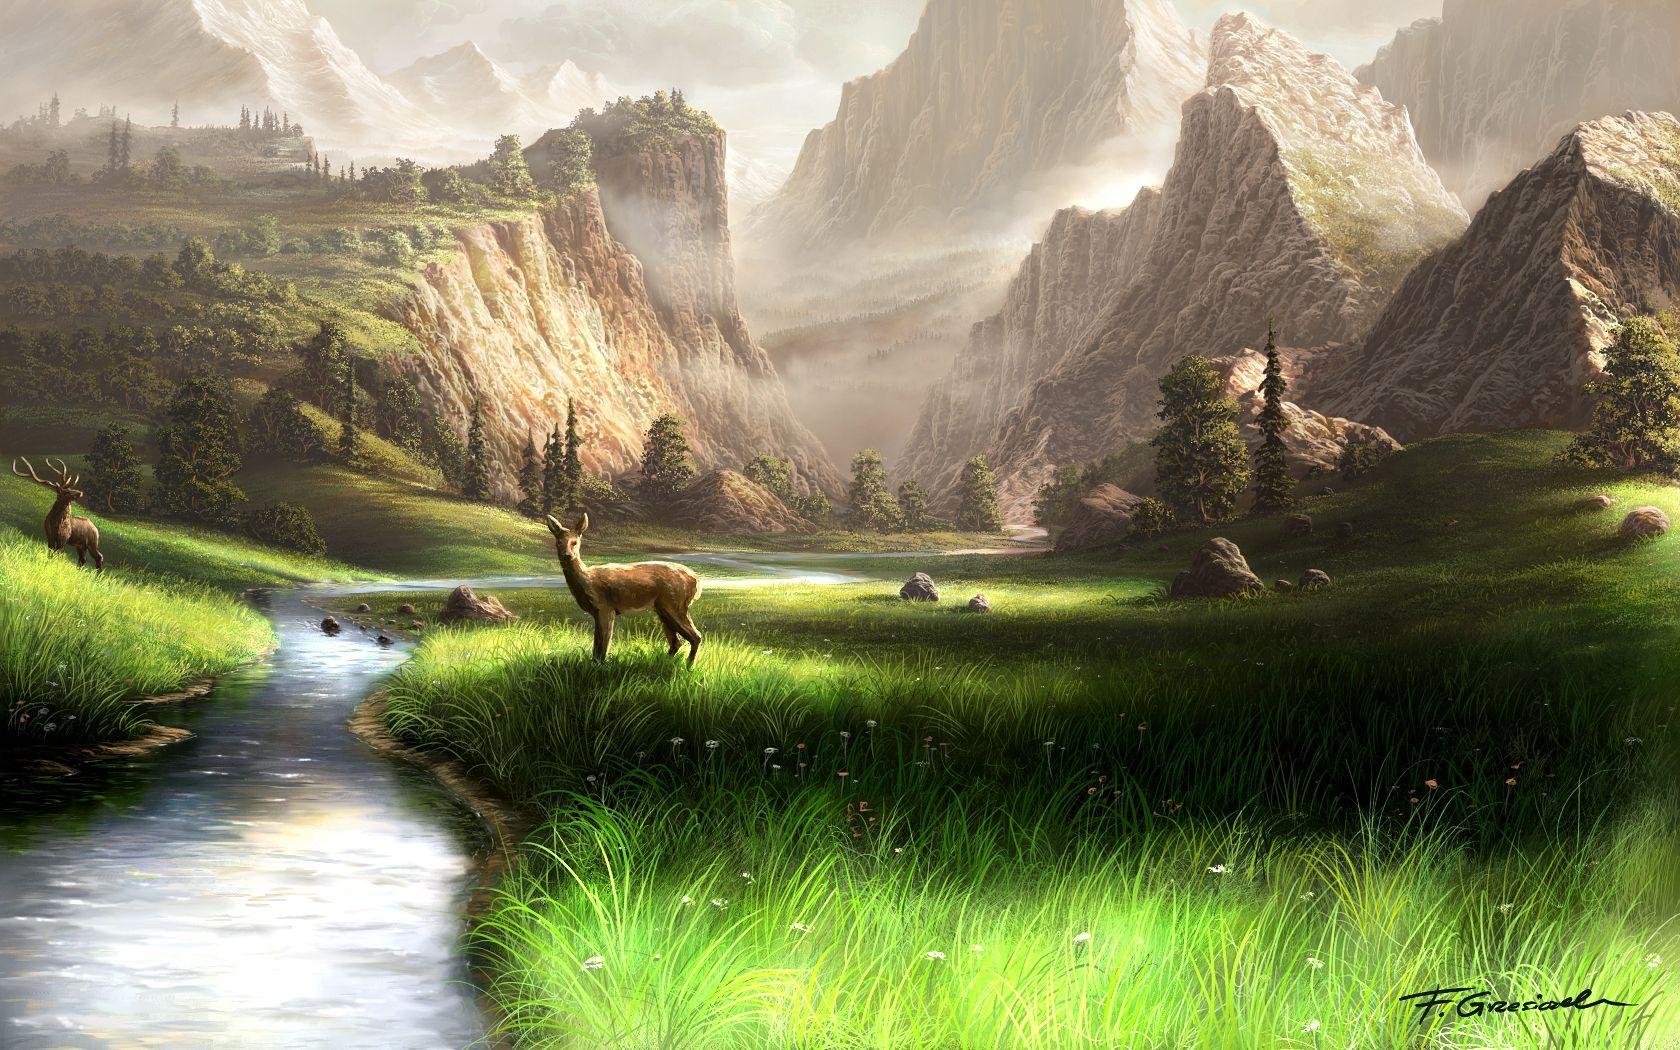 Mountain Paintings | mountain landscape by fel x digital art ...